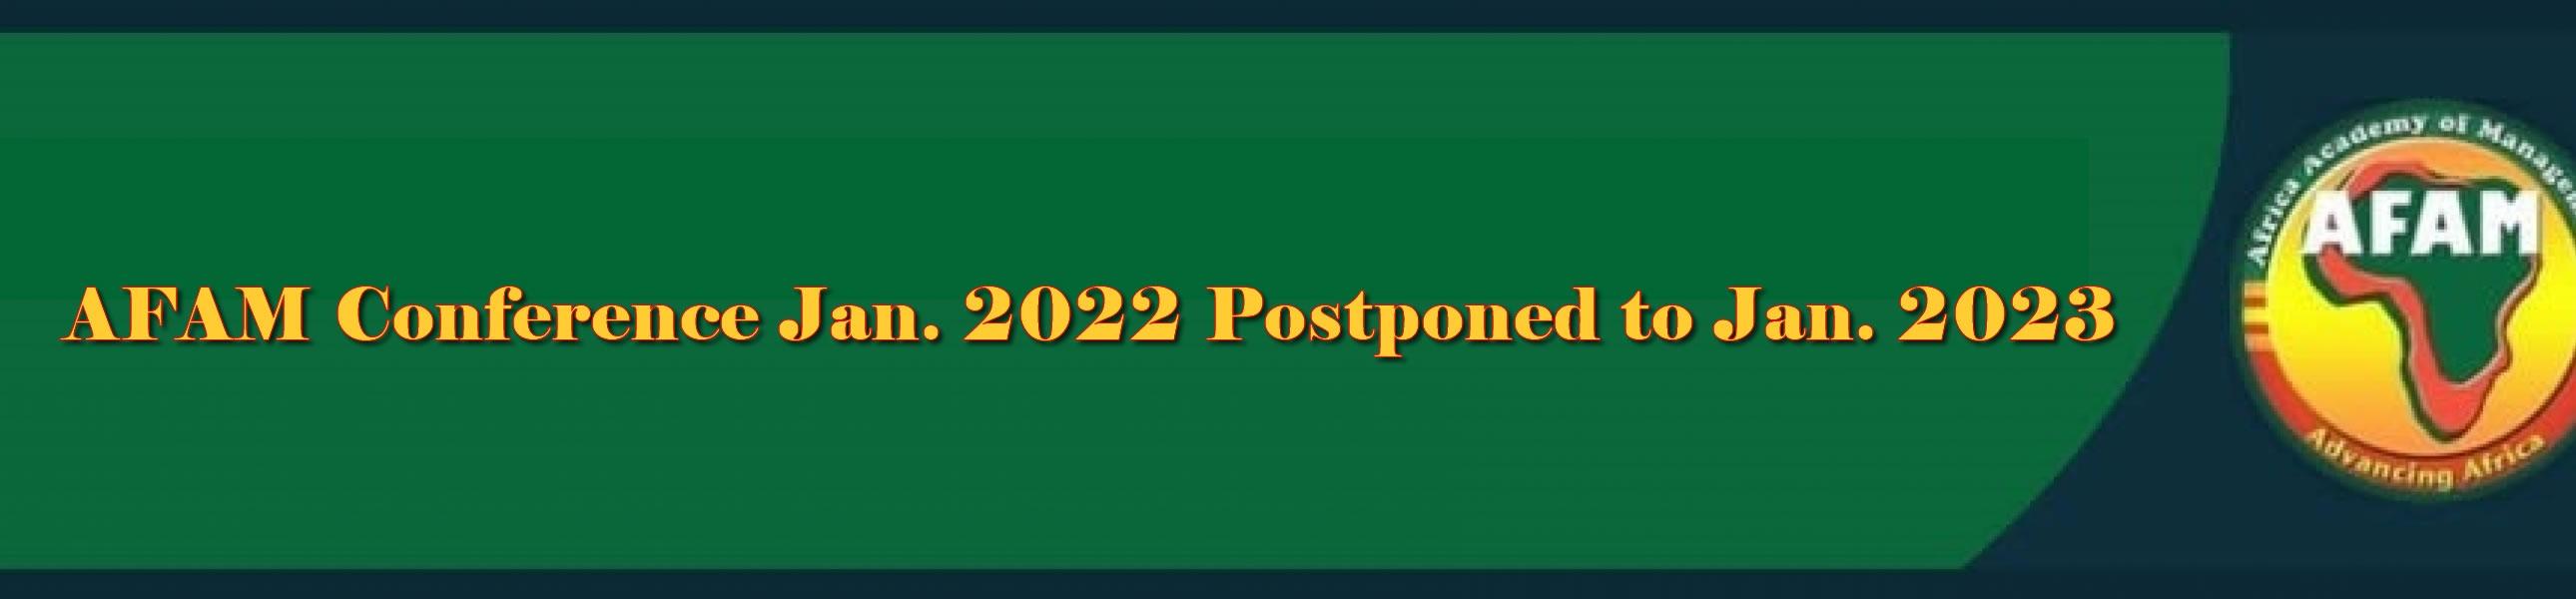 AFAM Biennial Conference Jan. 2022 Postponed to Jan. 2023